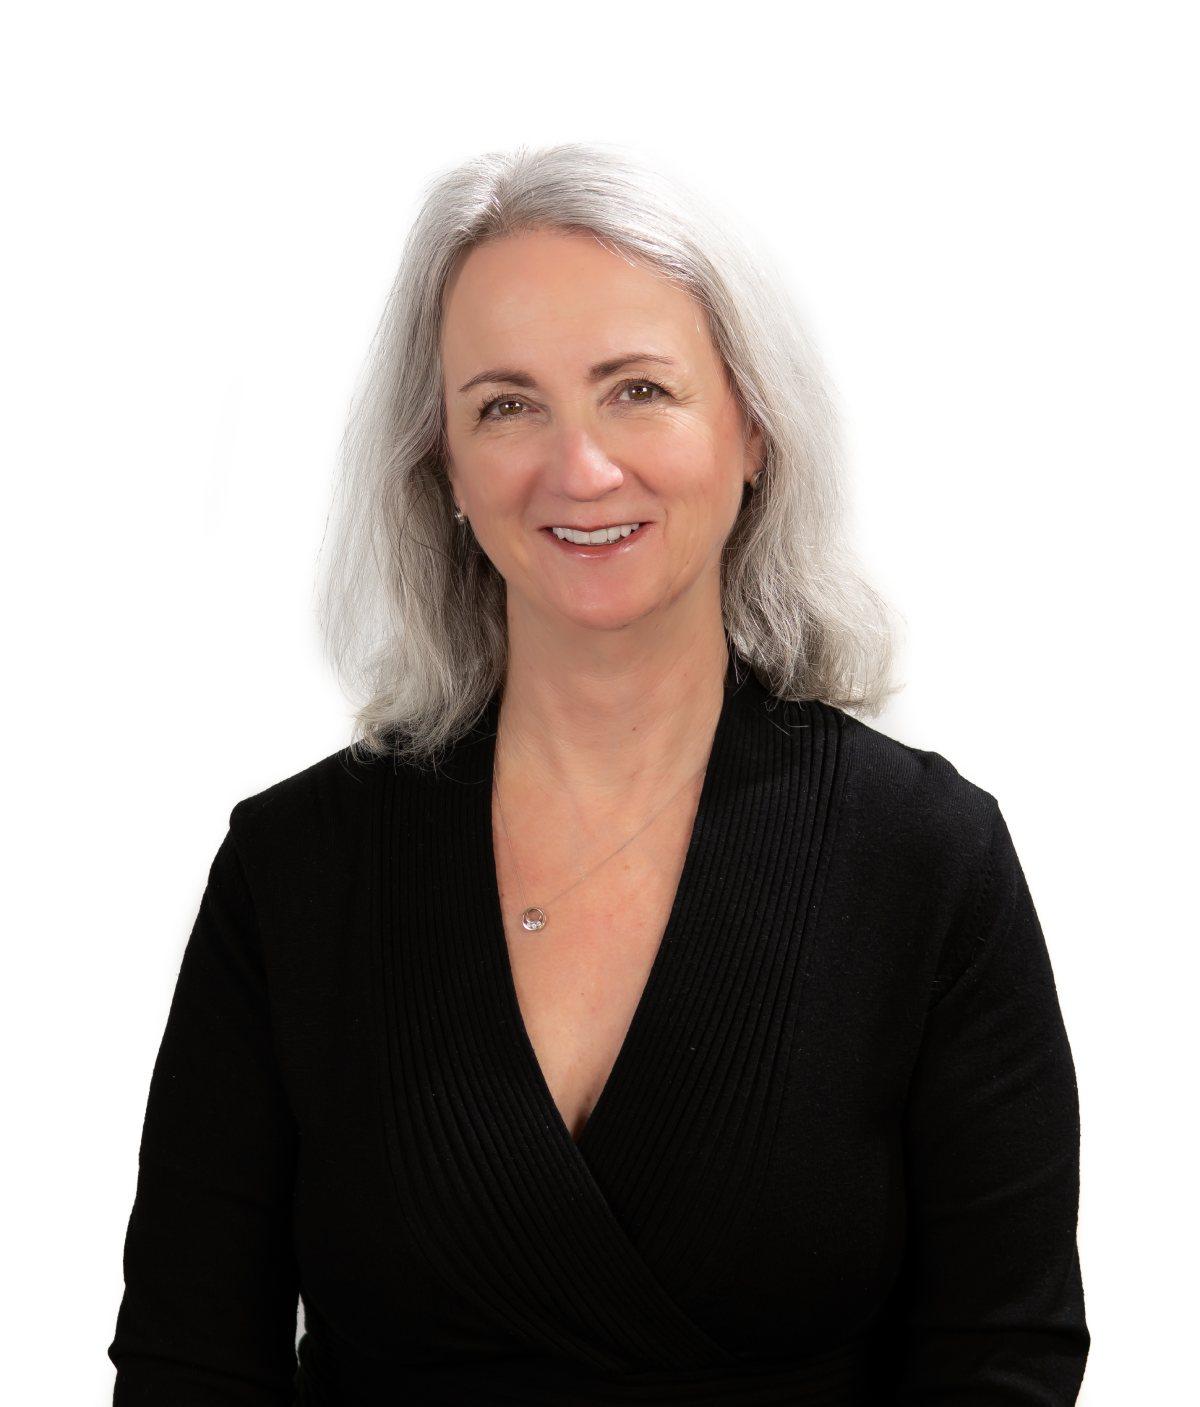 Janie Martin